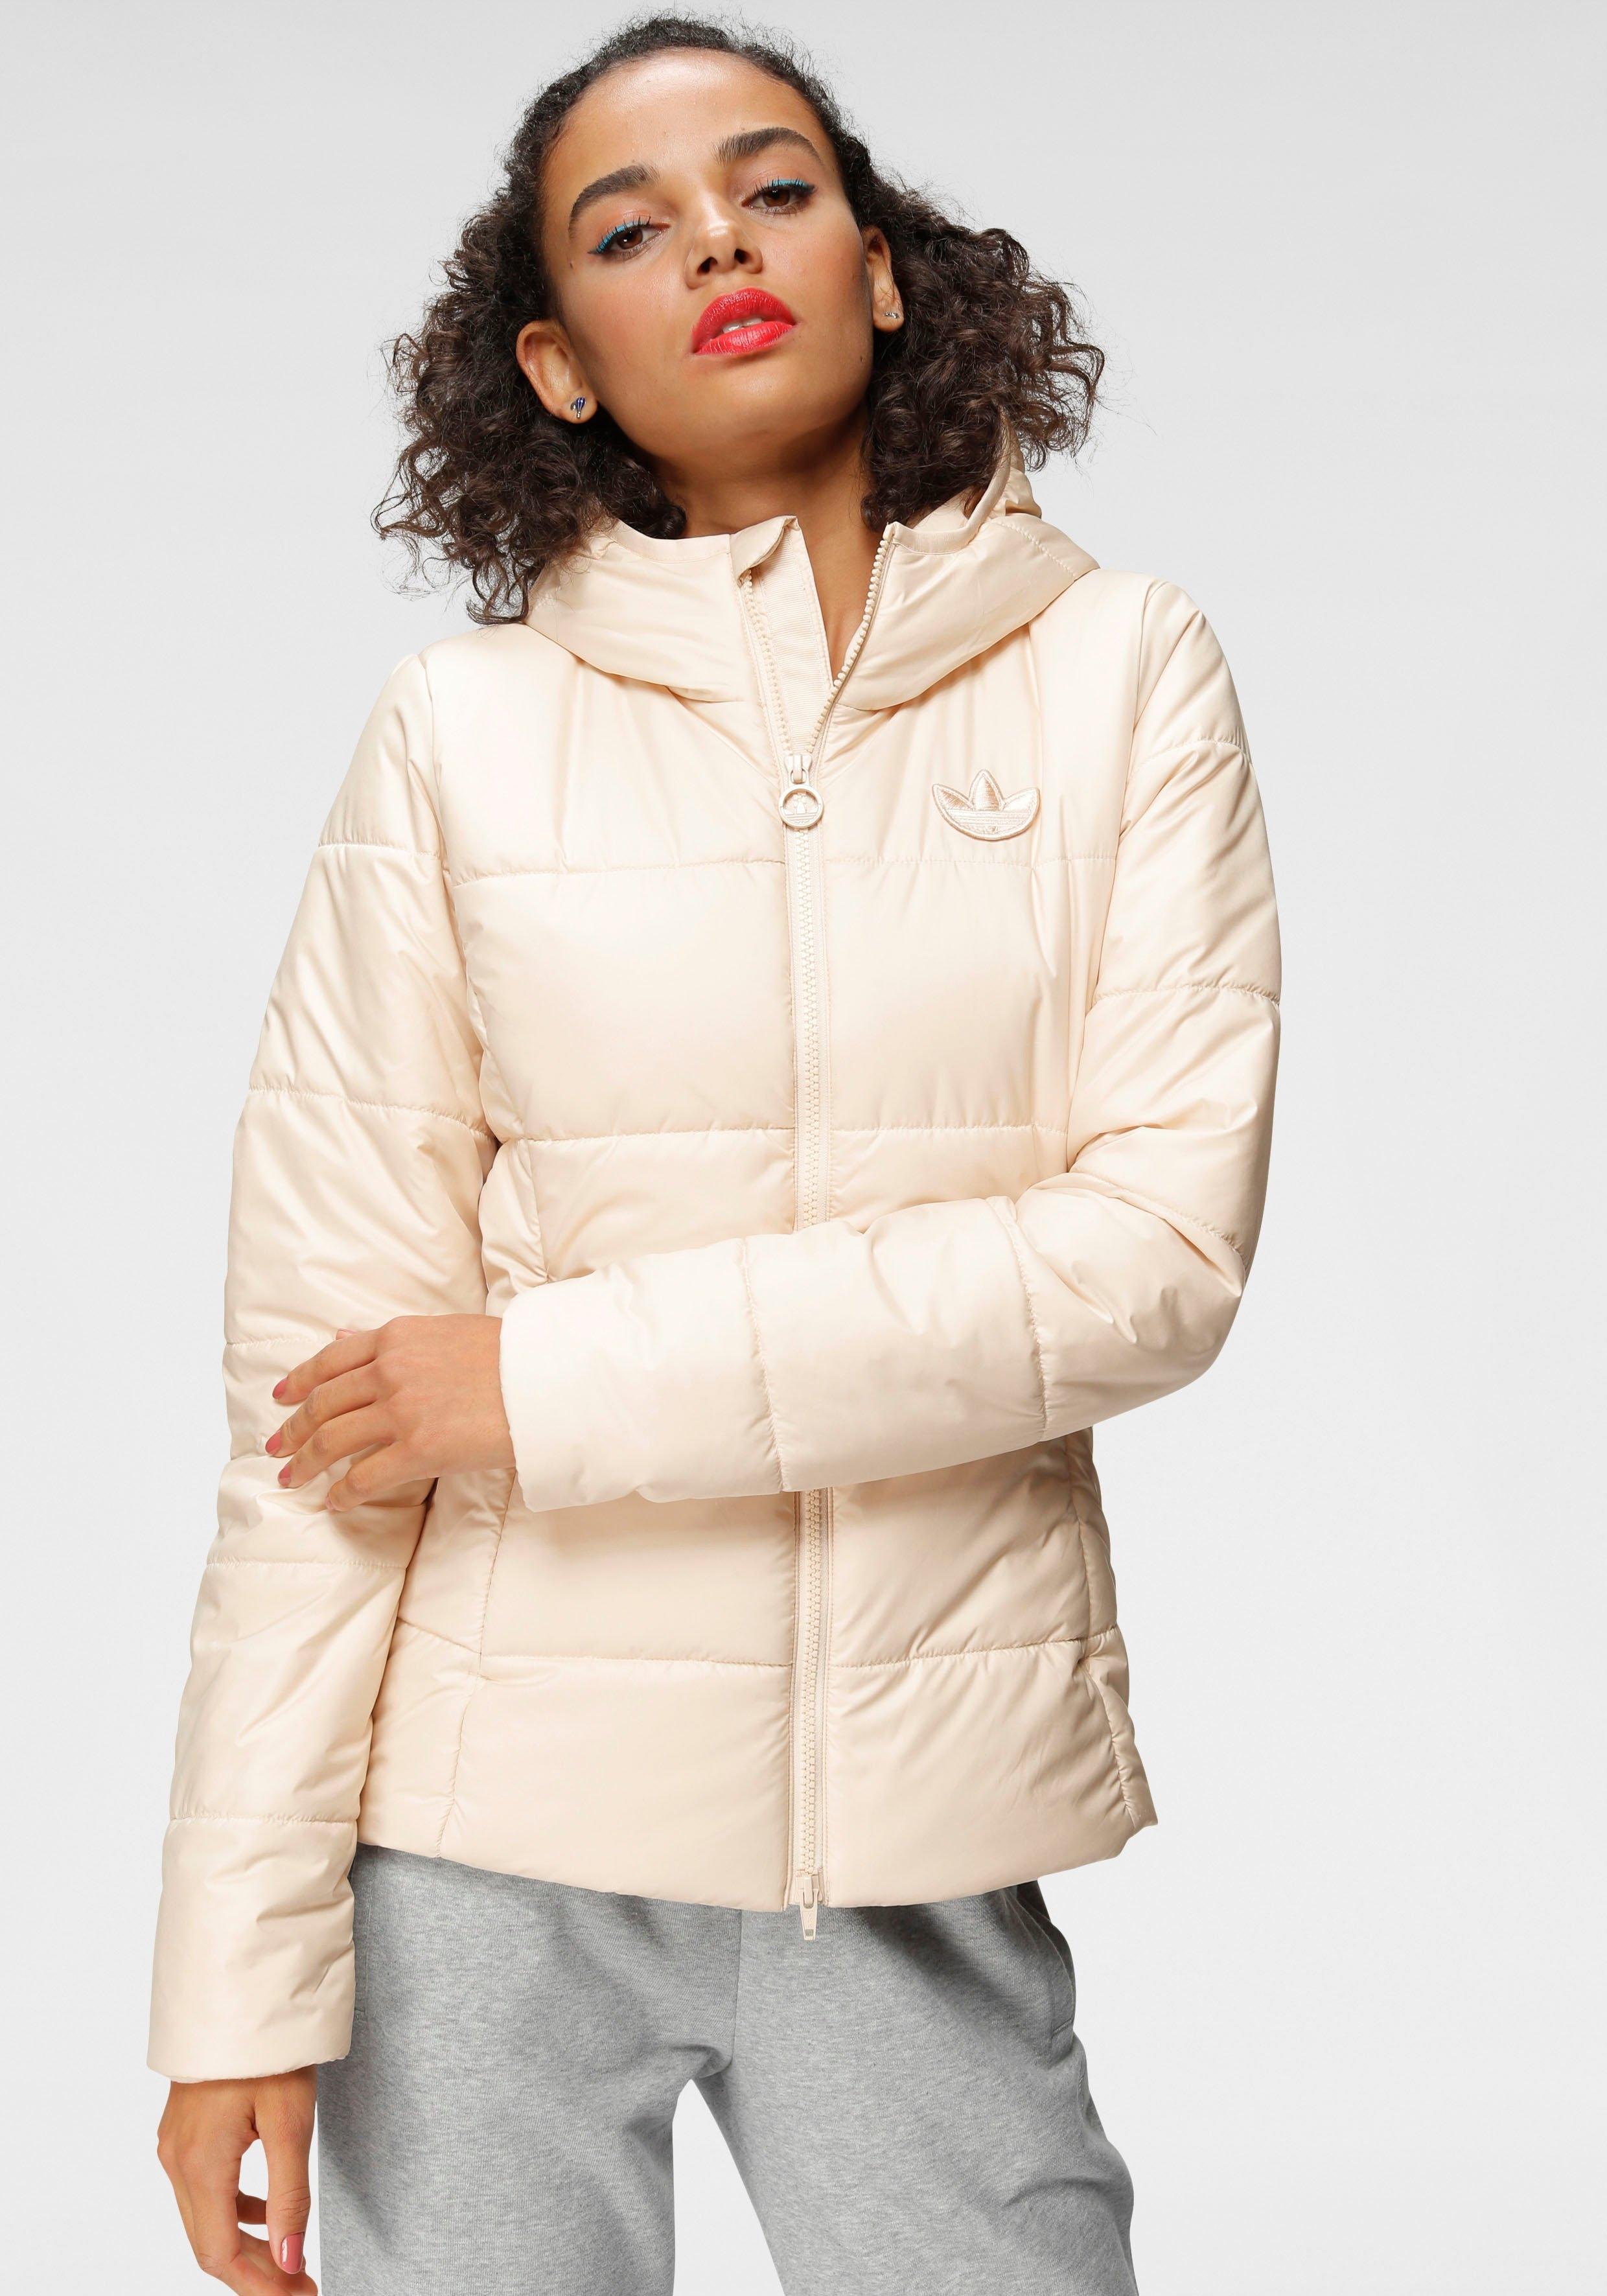 adidas Originals gewatteerde jas »SLIM JACKET« bij OTTO online kopen